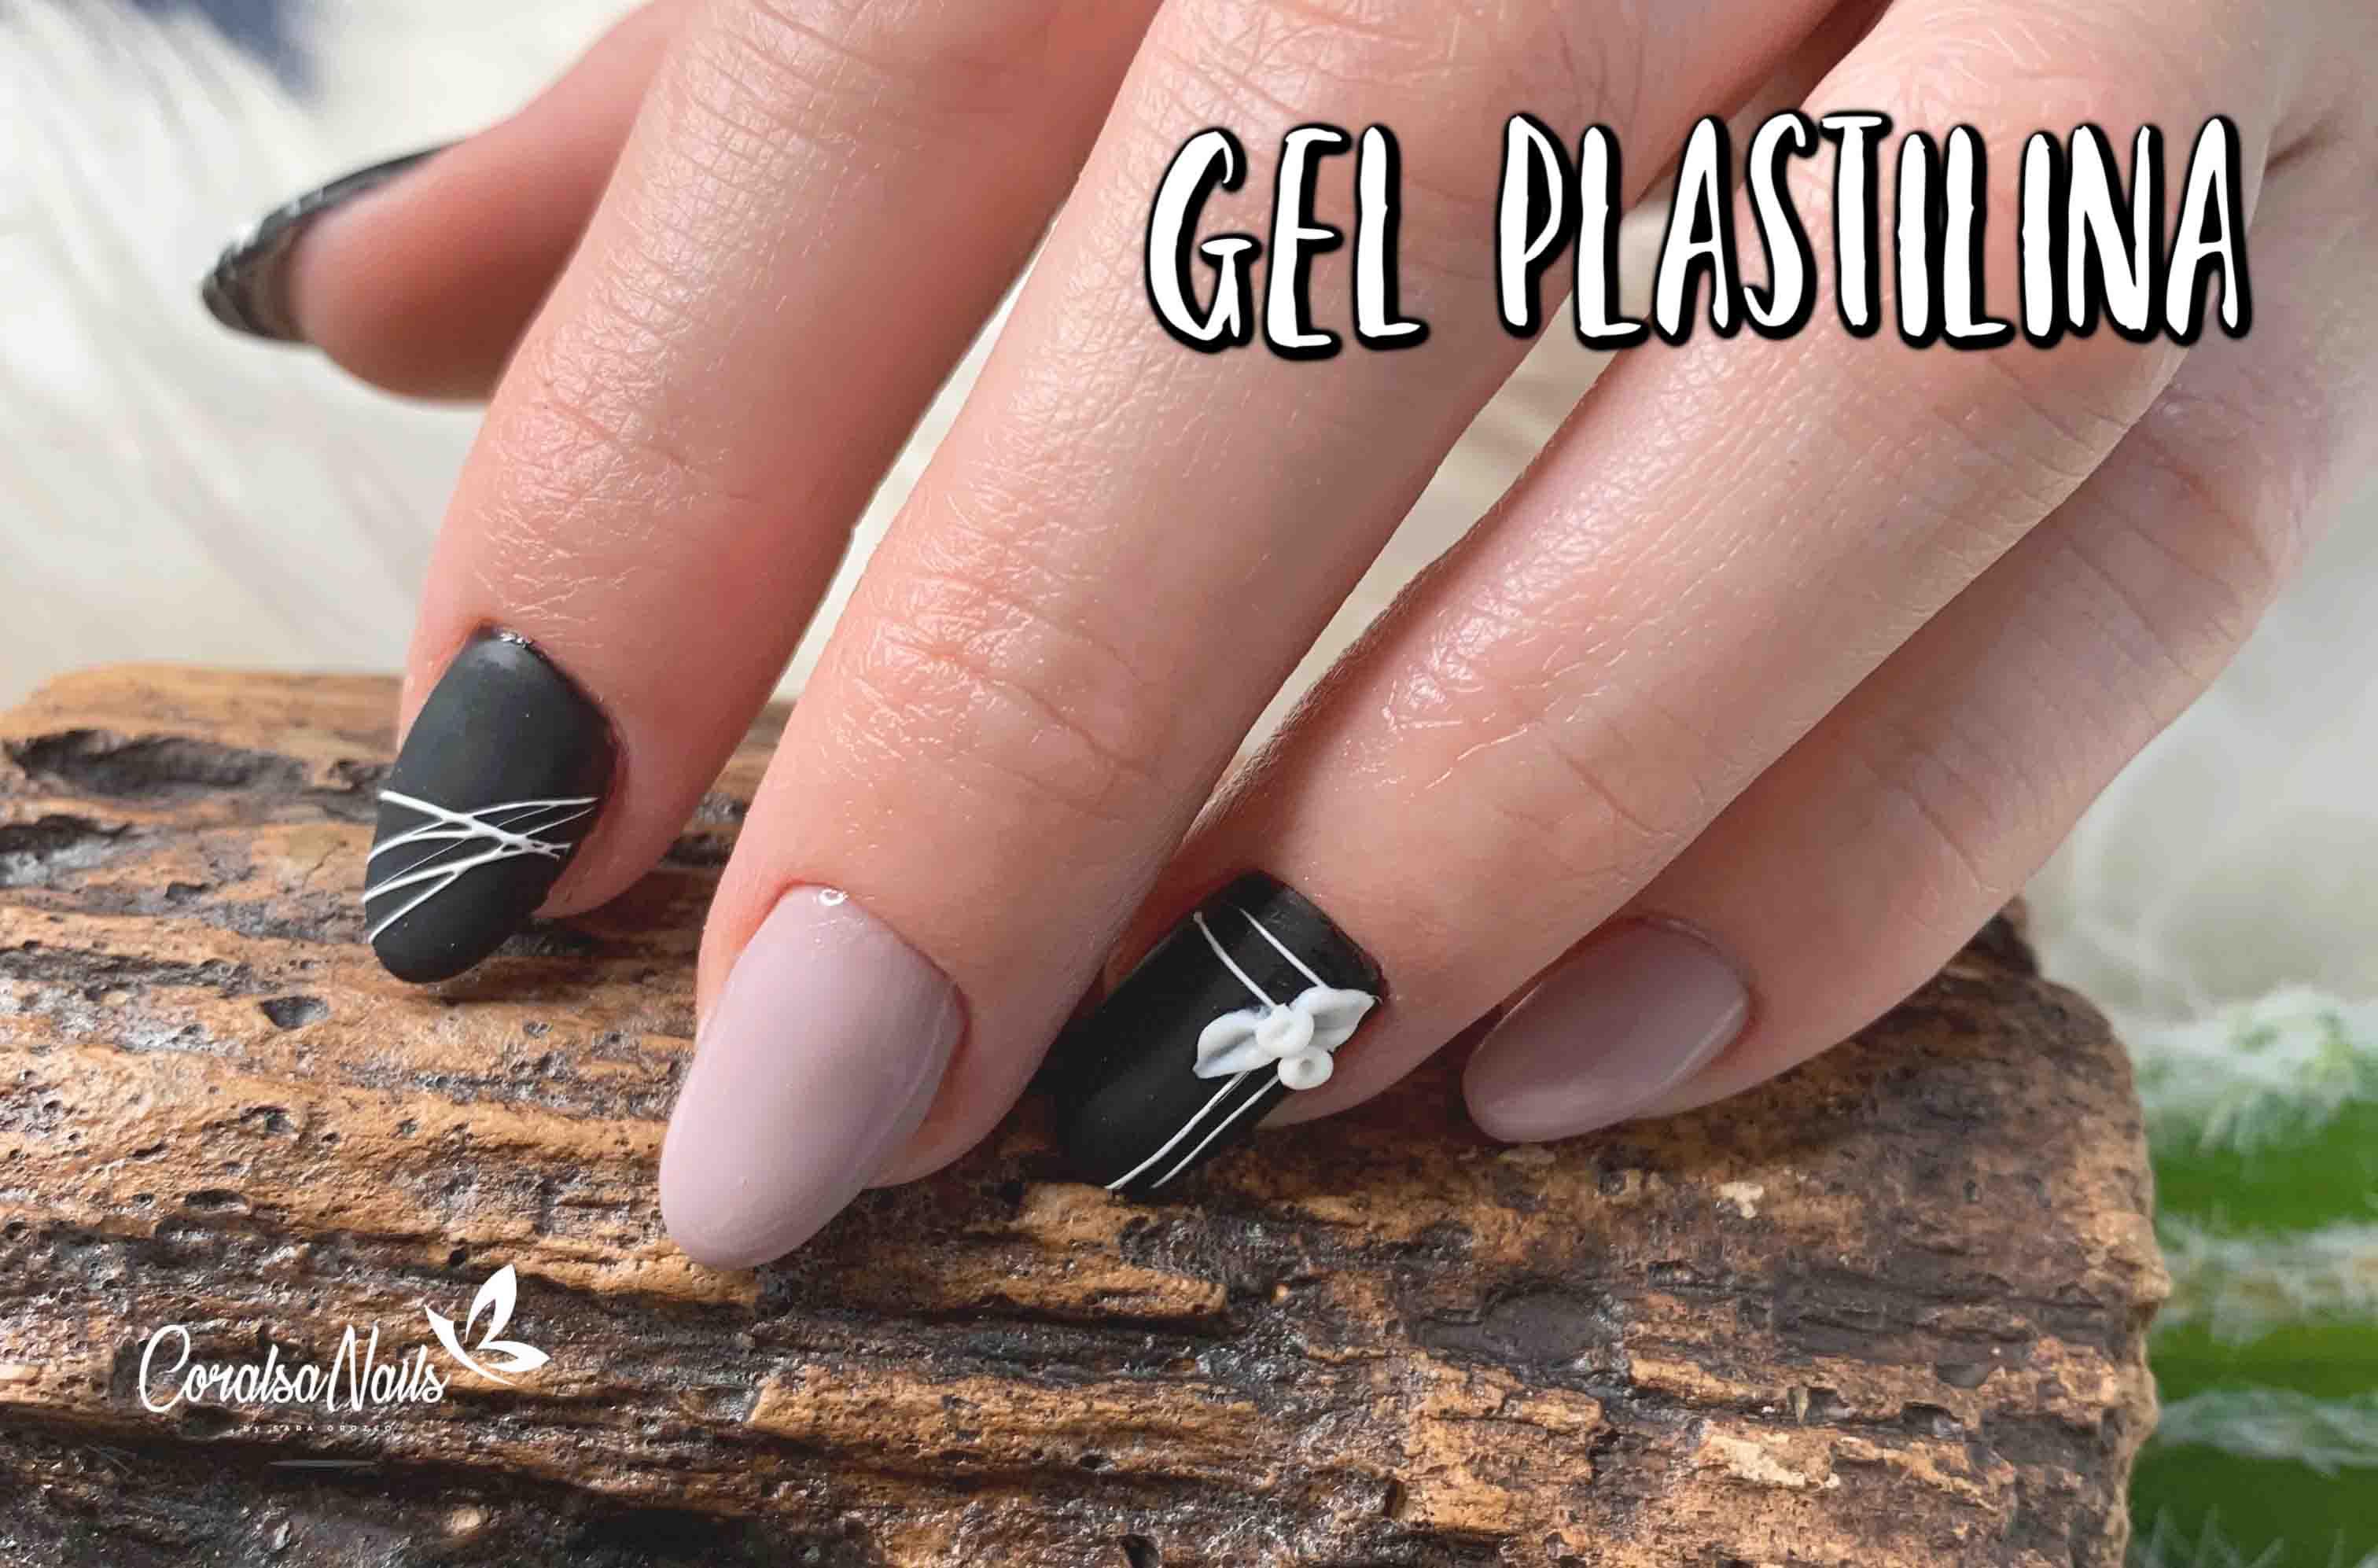 Diseño para Principiantes con Gel Plastilina